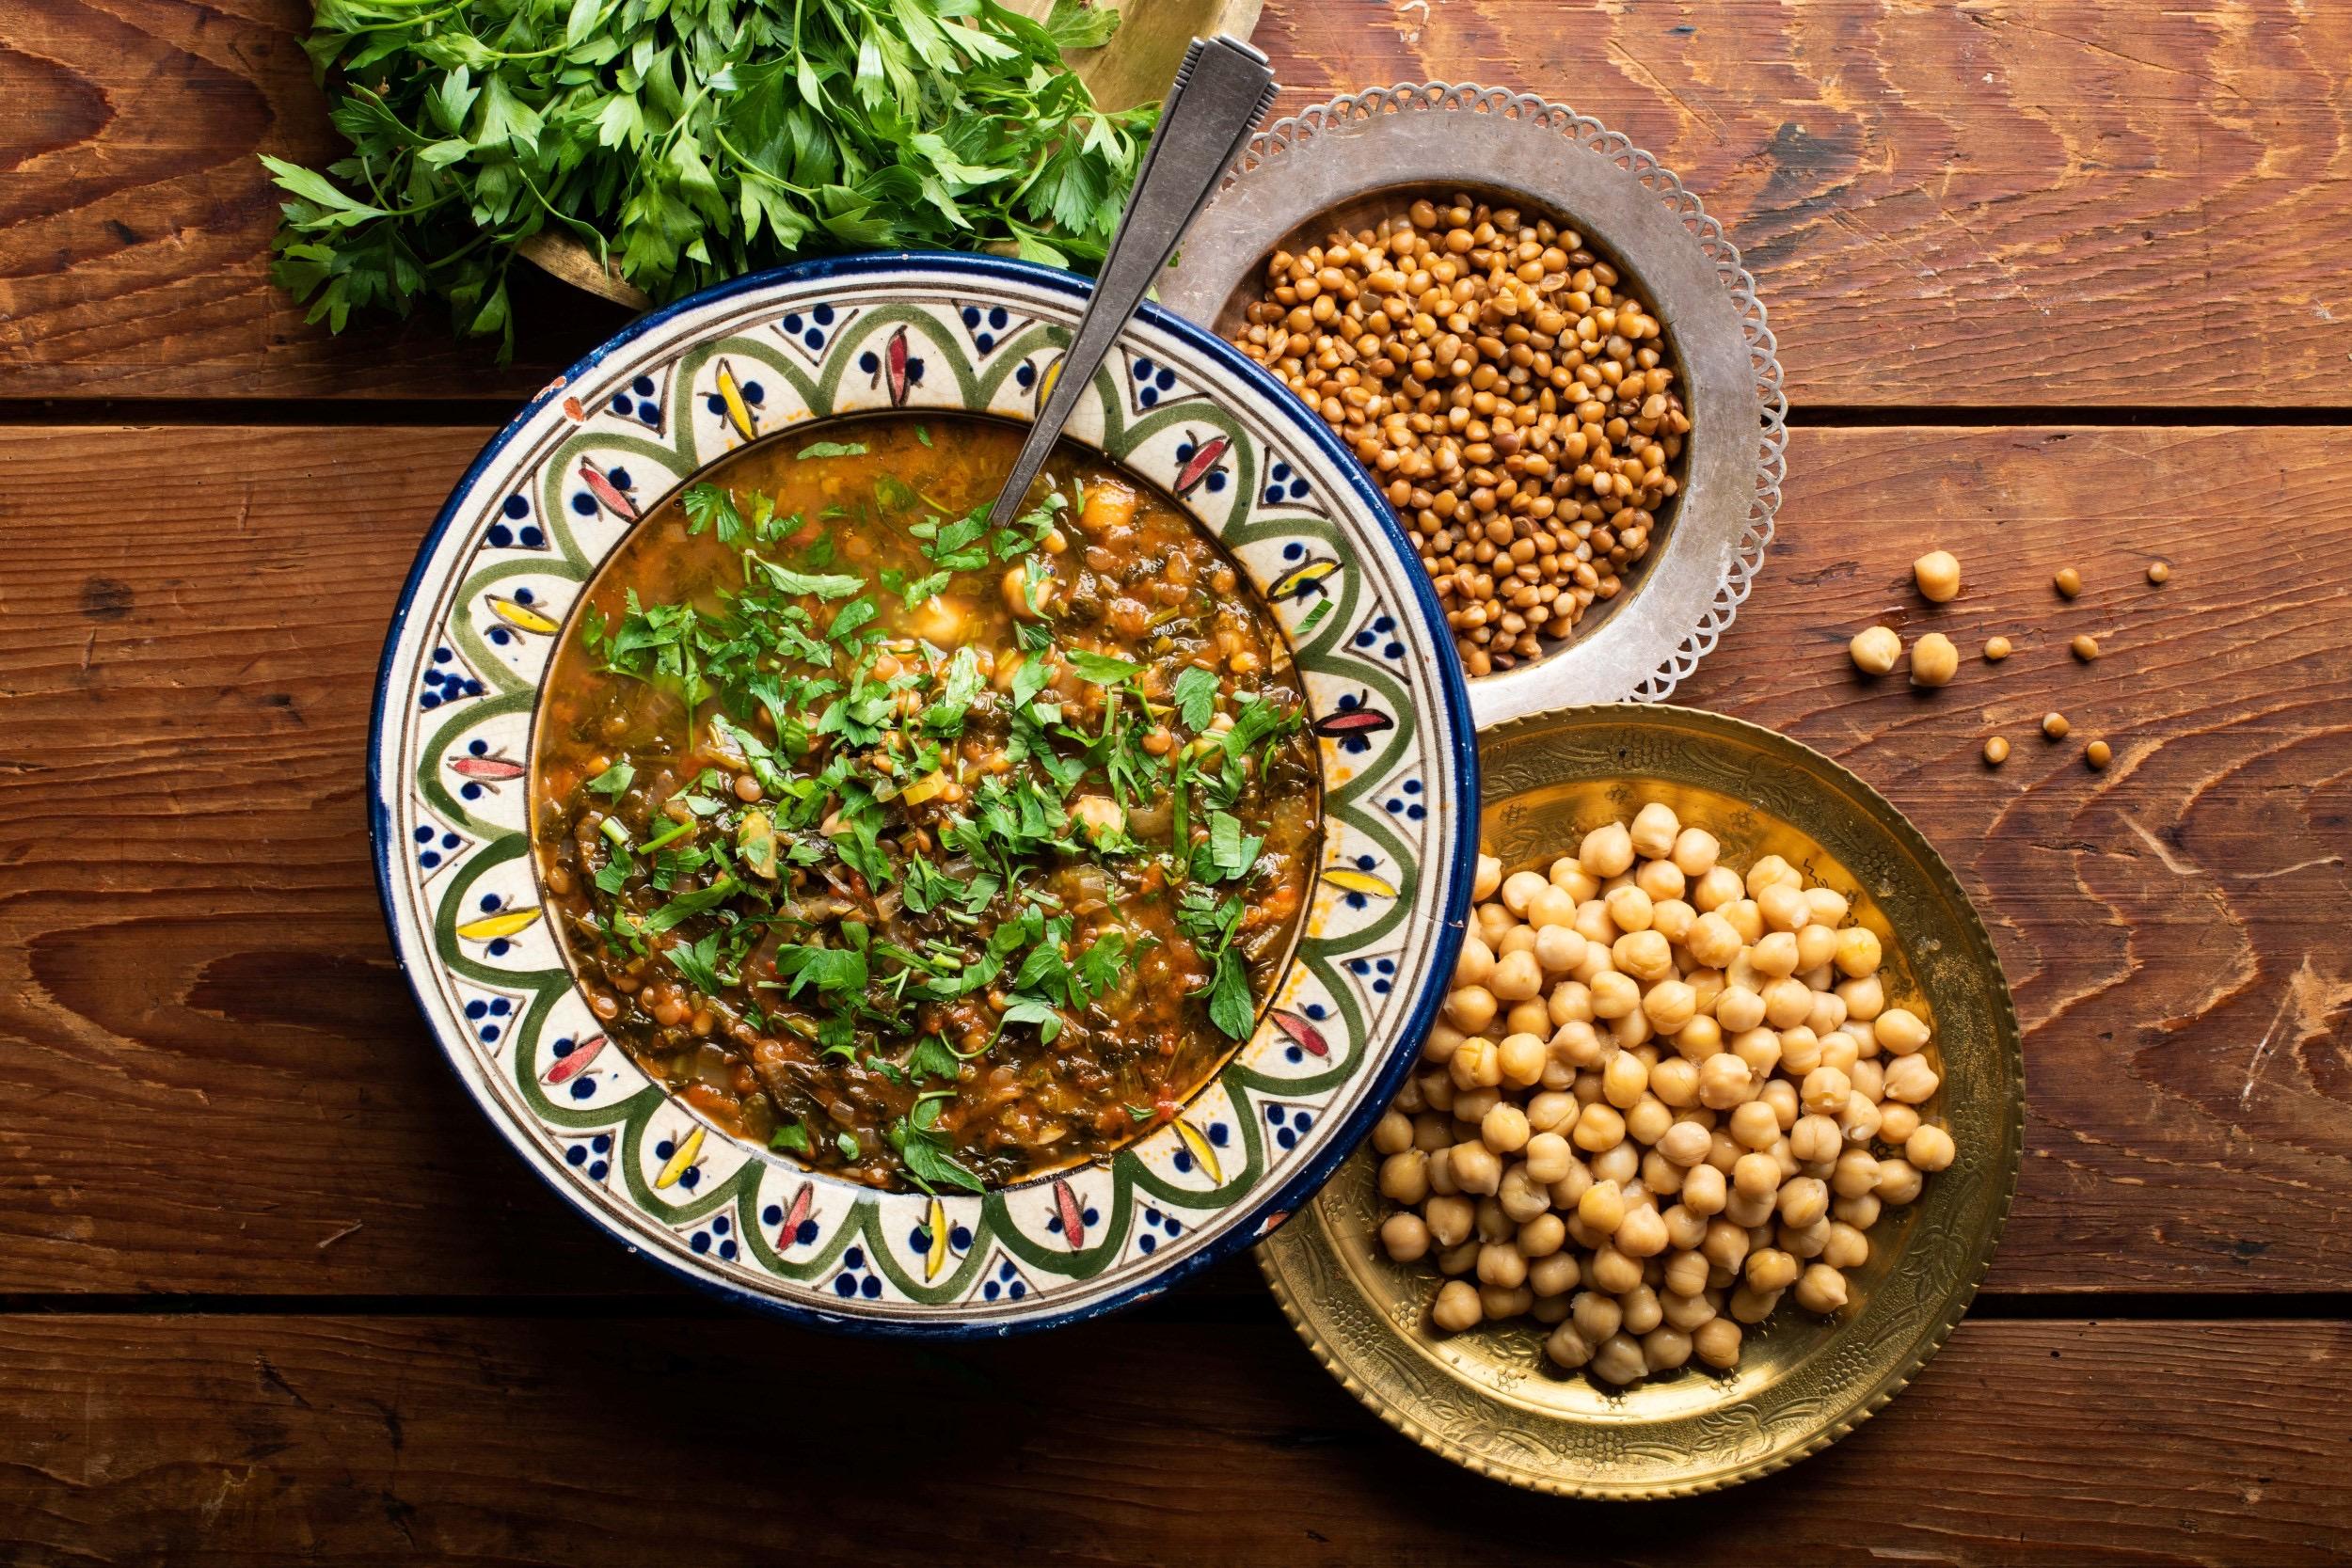 מתכון למרק חרירה מרוקאי 👳🏽